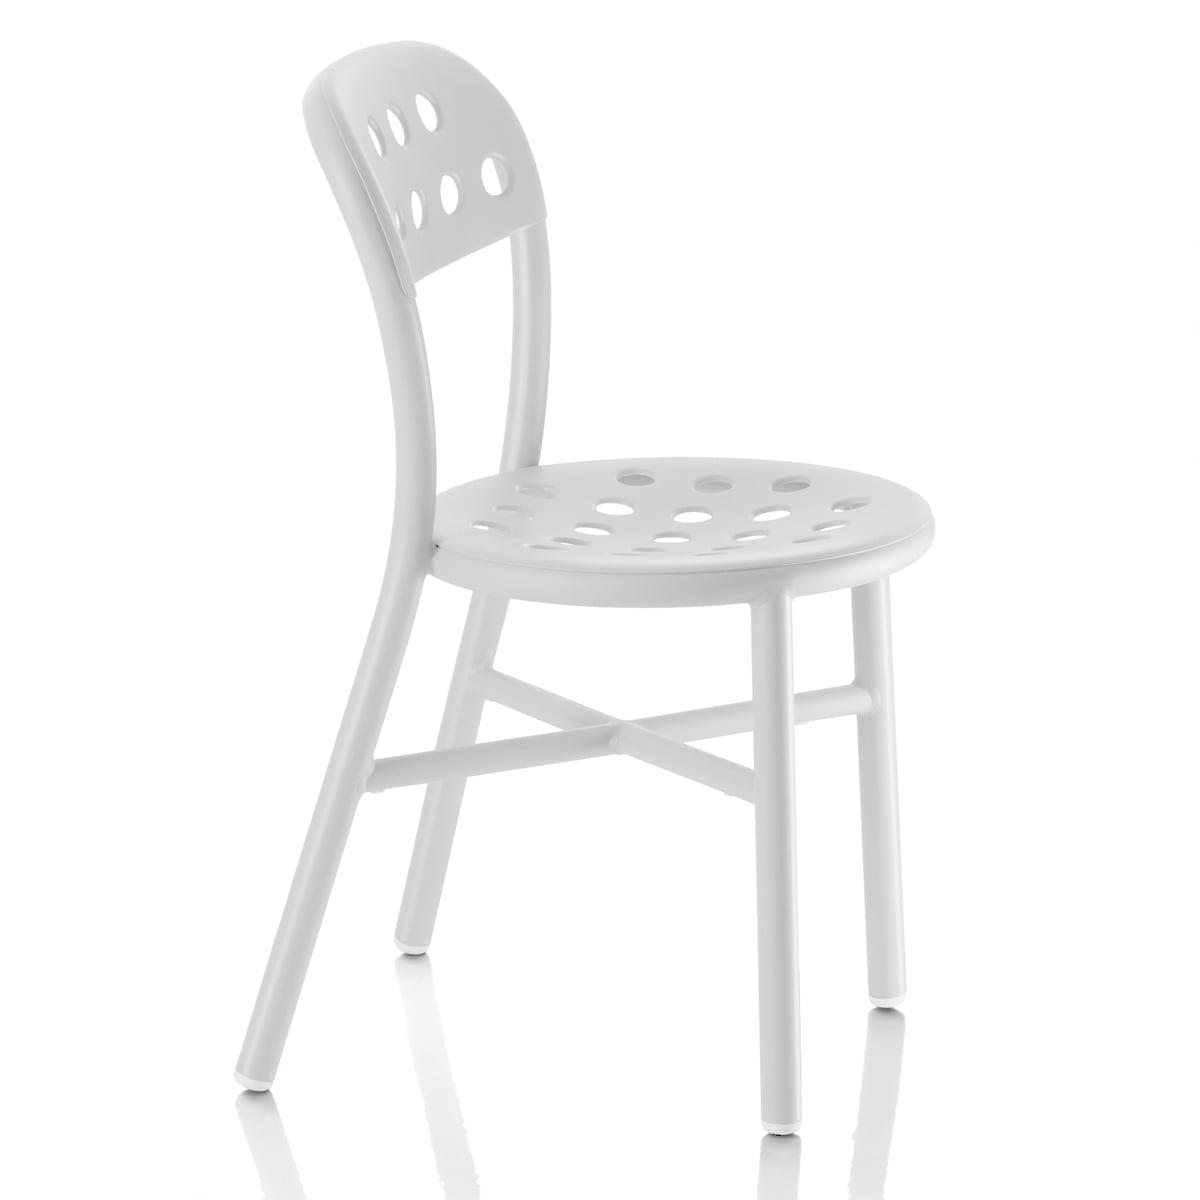 chaise pipe de magis dans l 39 e boutique. Black Bedroom Furniture Sets. Home Design Ideas